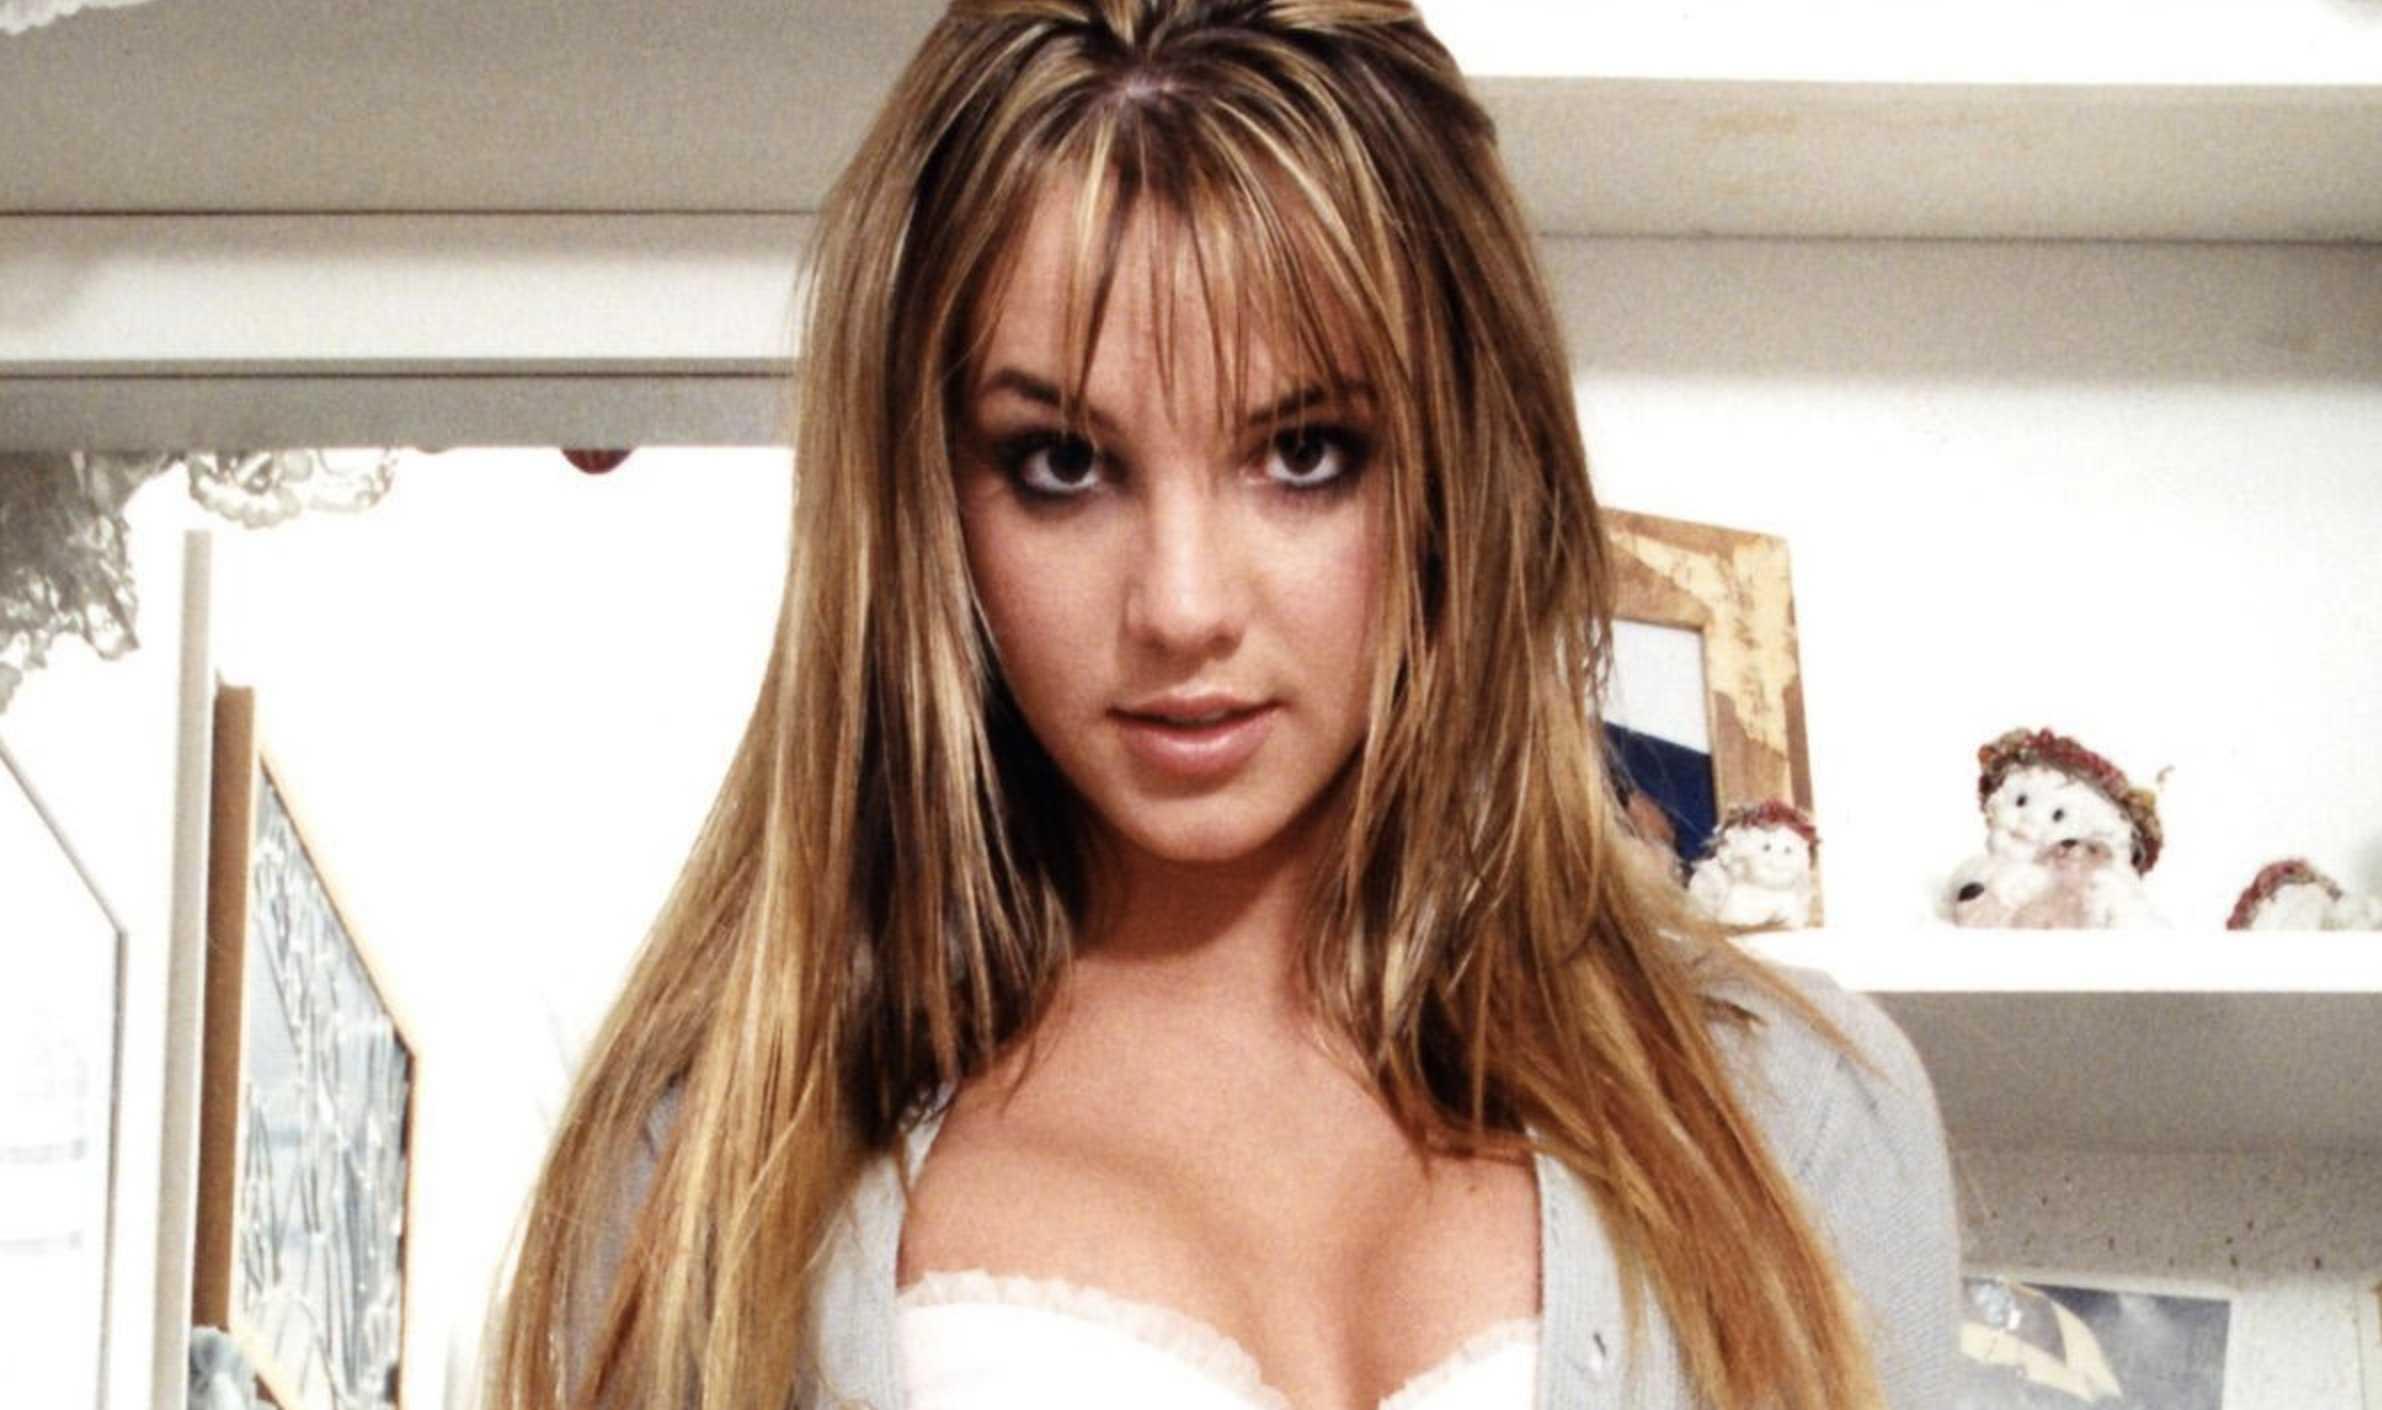 #FreeBritney: l'appello dei fan e dei vip per liberare Britney Spears dal padre